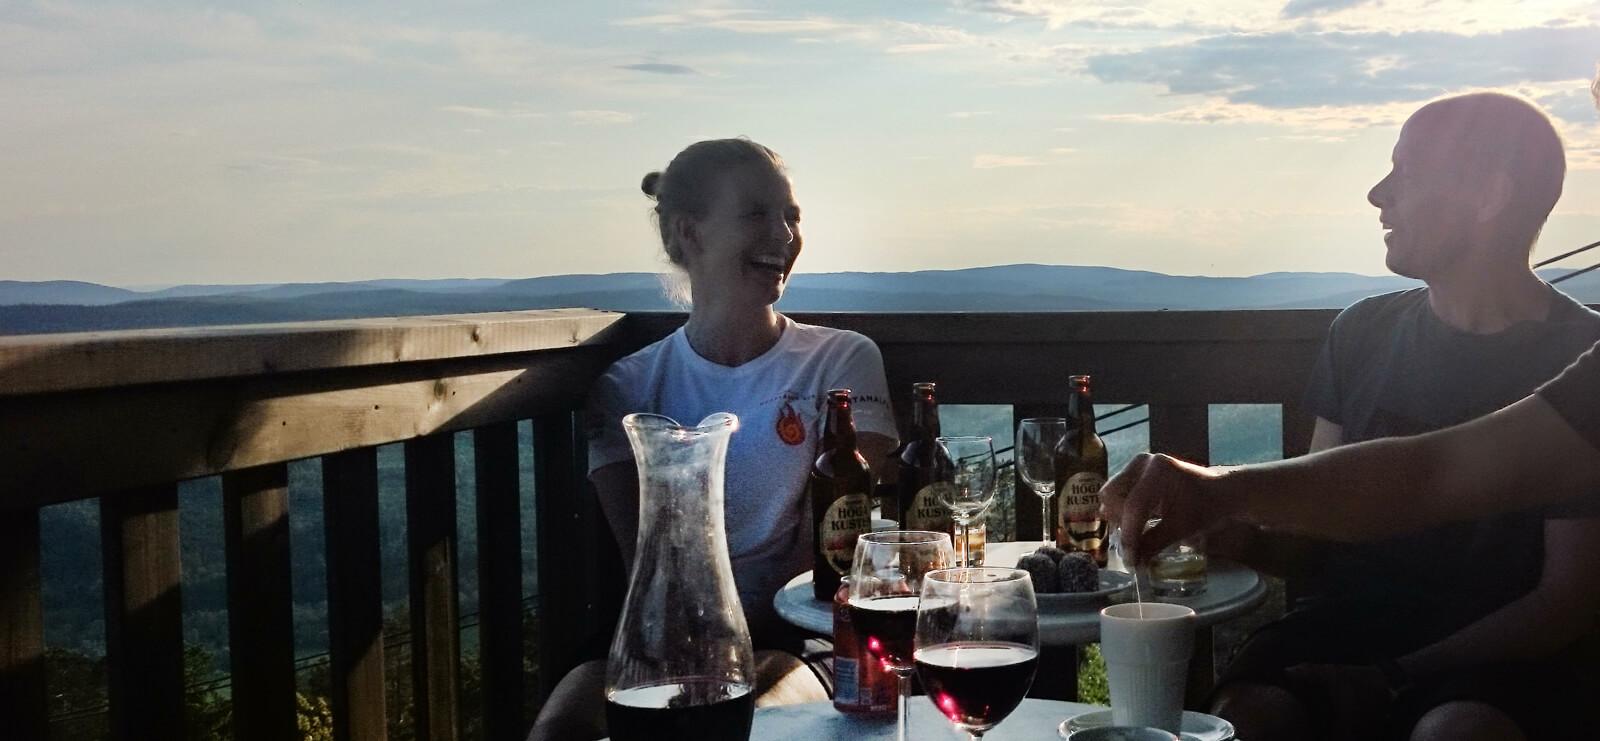 Dejting Kalmar | Hitta krleken bland singelfrldrar